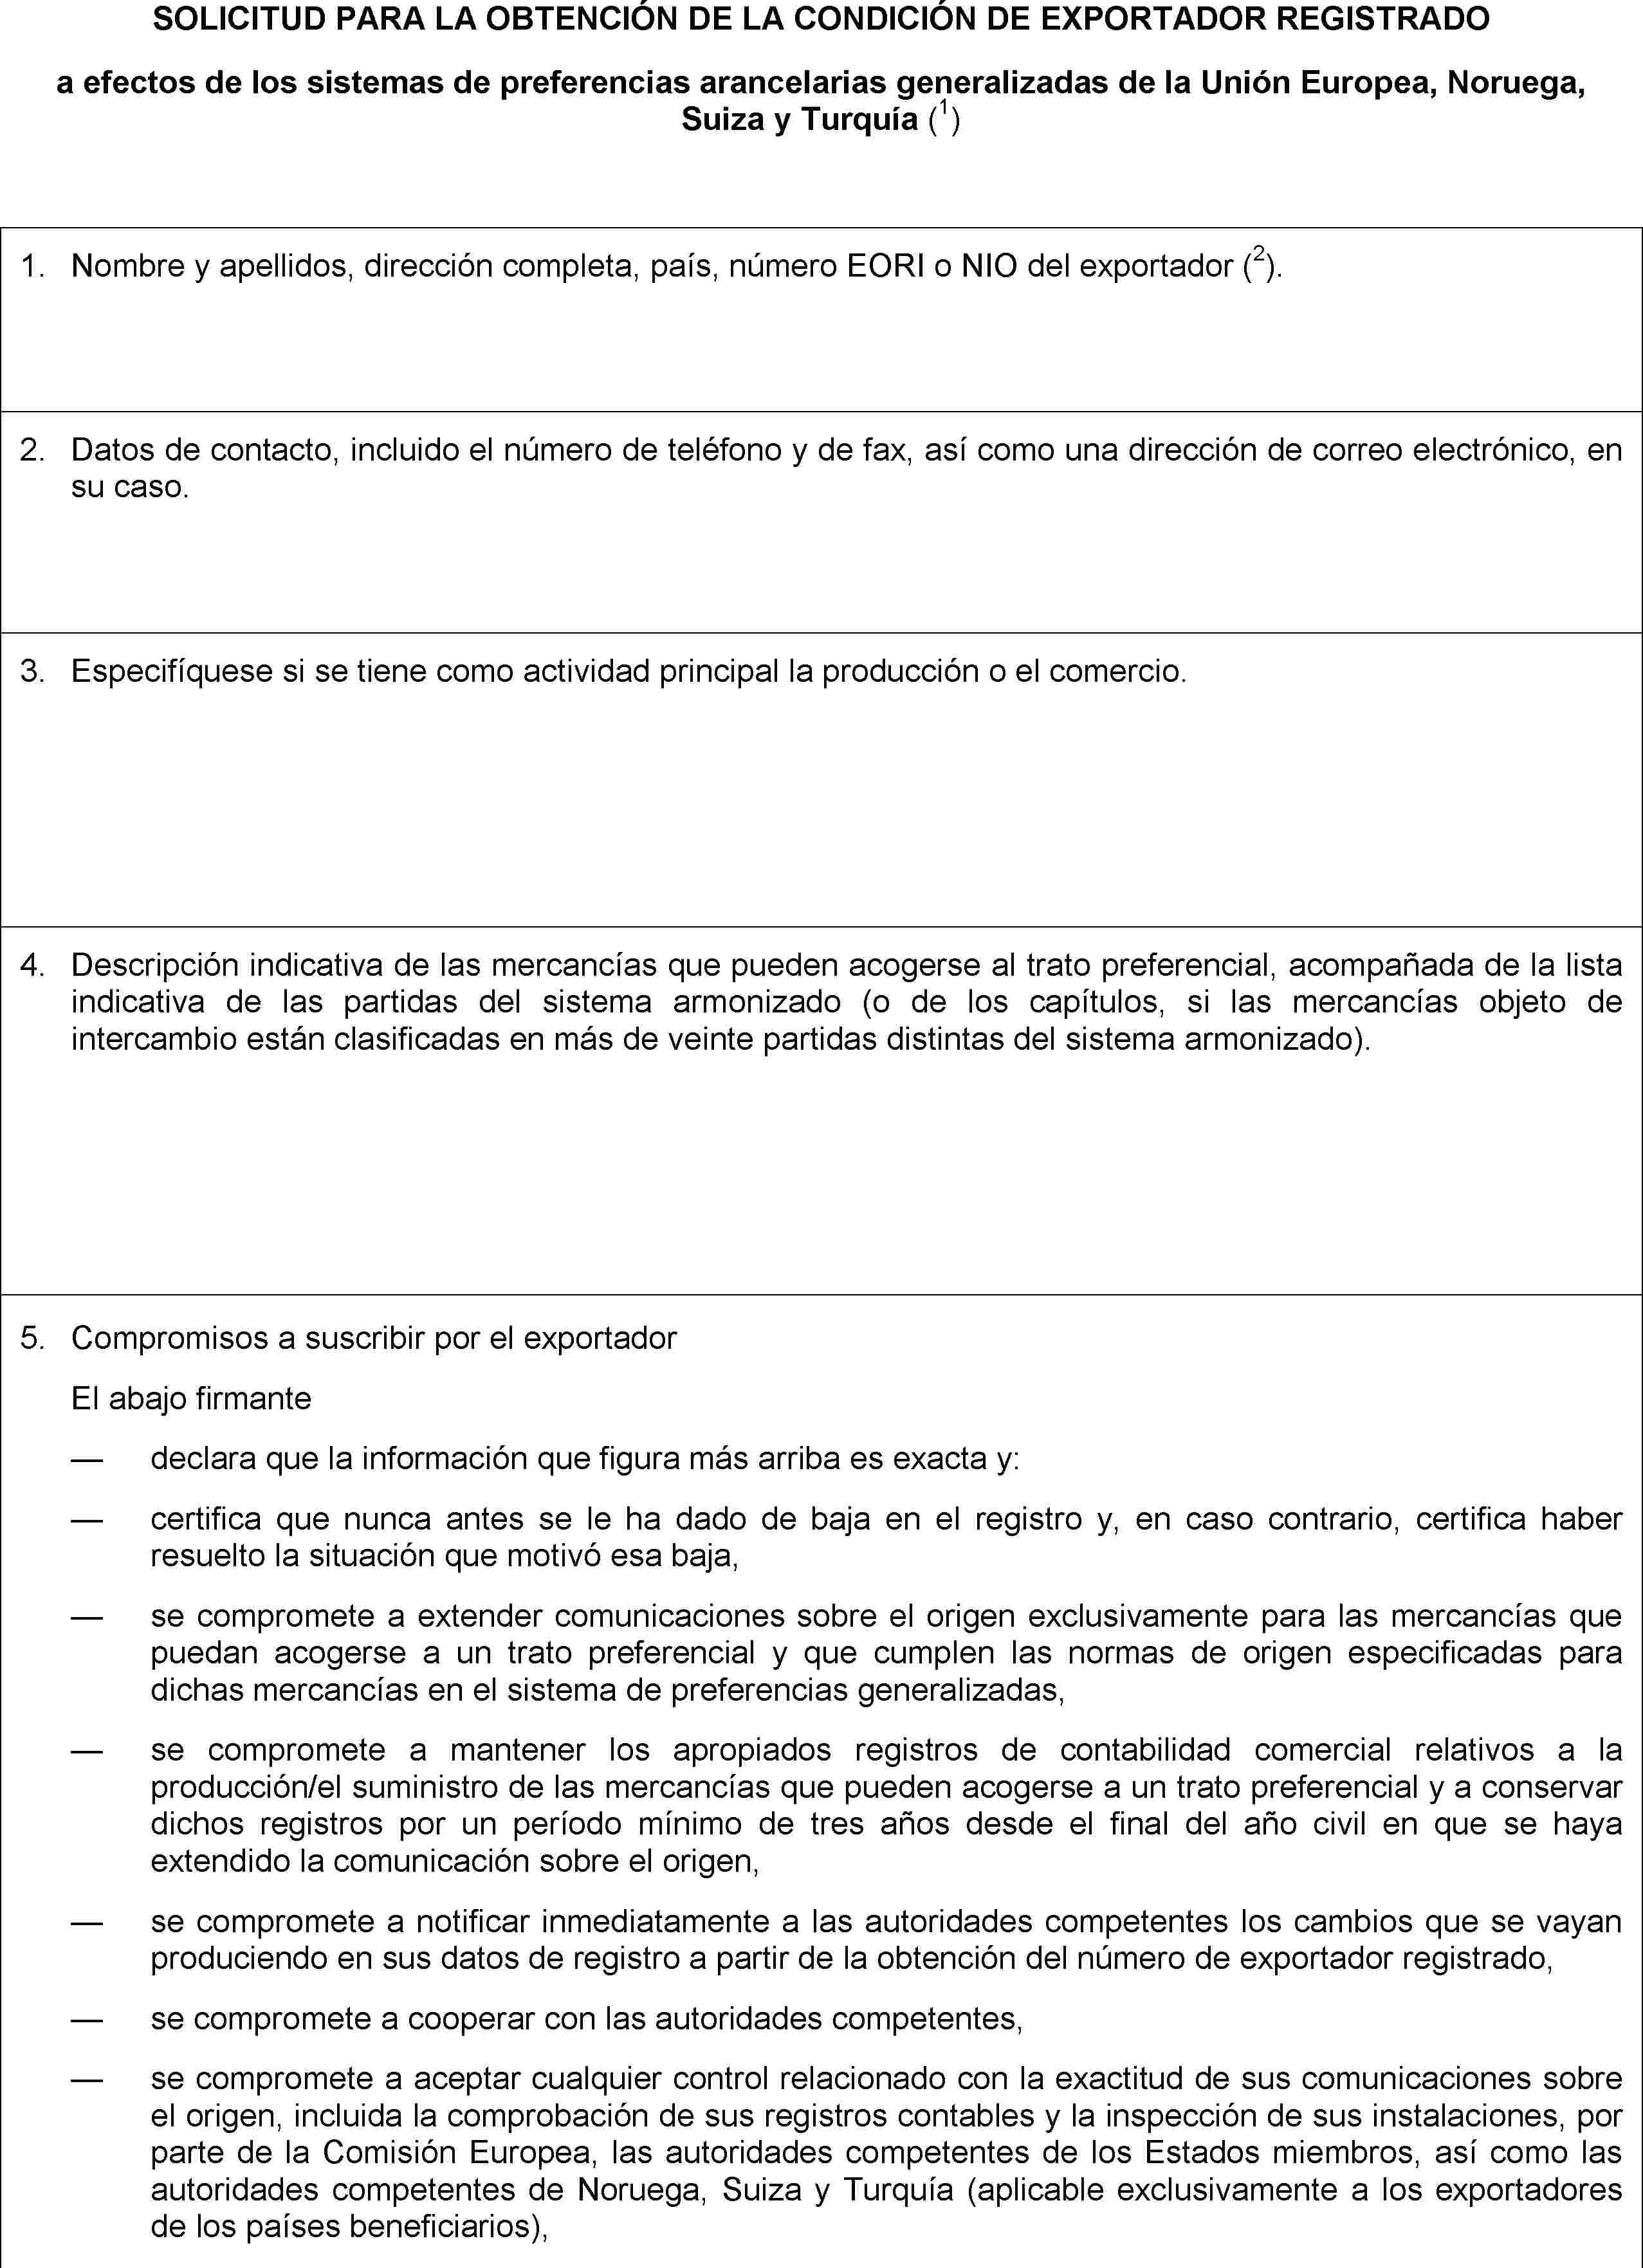 Calendario Agosto 2019 Colombia Para Imprimir Más Populares Eur Lex R2454 En Eur Lex Of Calendario Agosto 2019 Colombia Para Imprimir Más Recientes Noticias Calendario Imprimir Agosto Y Septiembre 2019